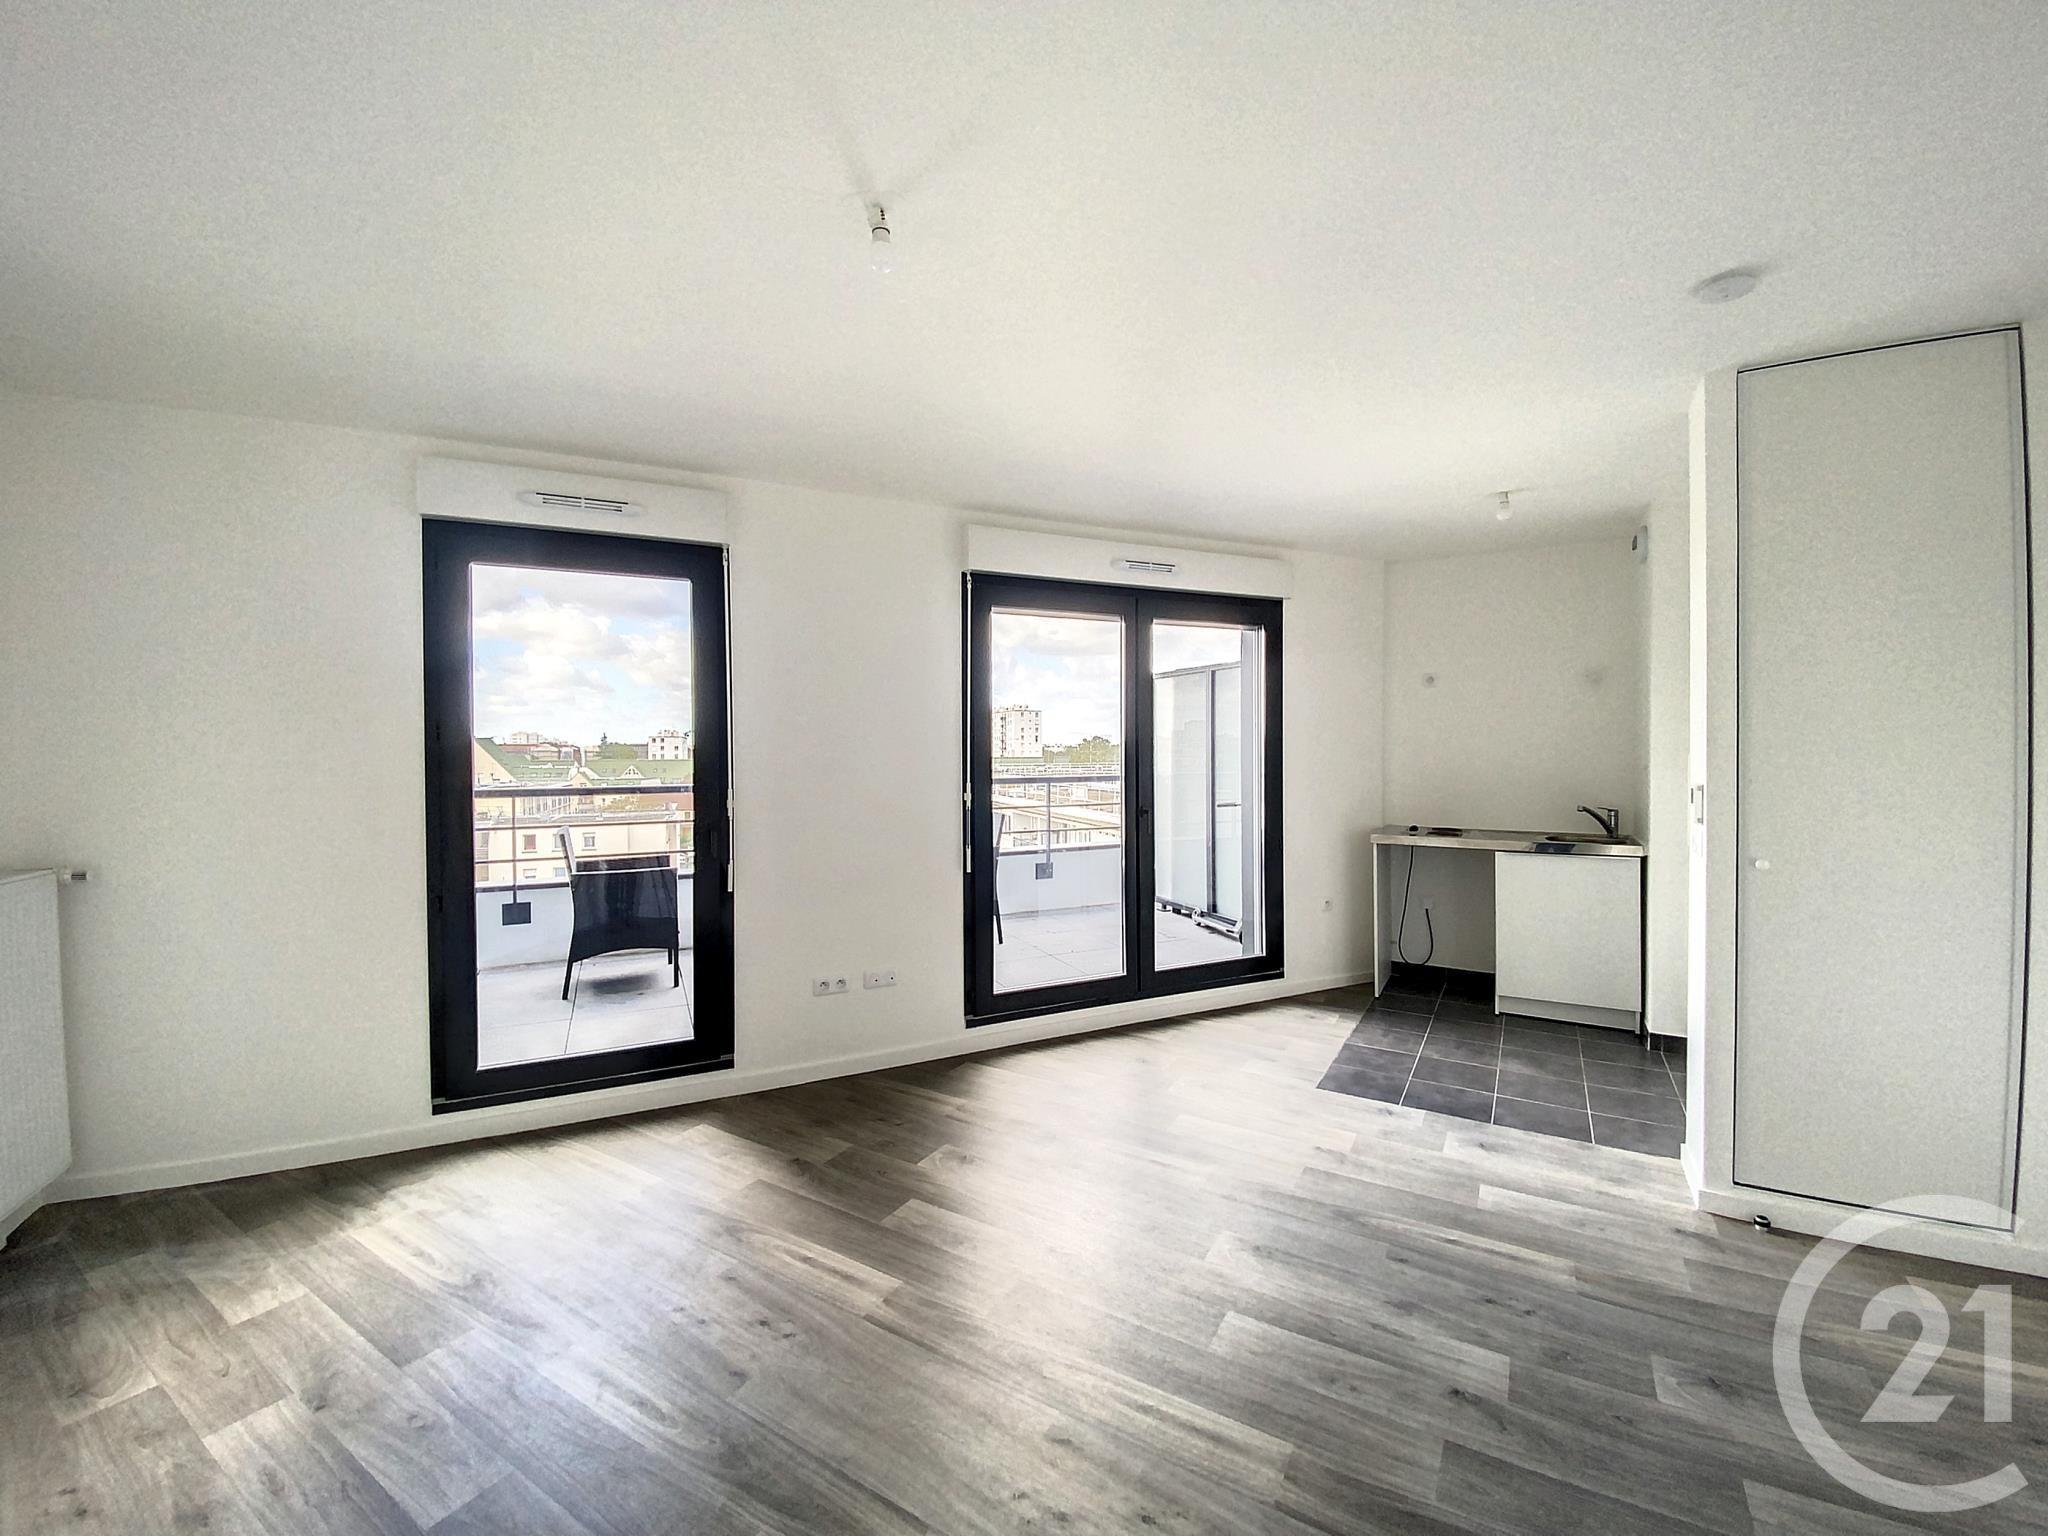 Appartement a louer colombes - 1 pièce(s) - 25.78 m2 - Surfyn